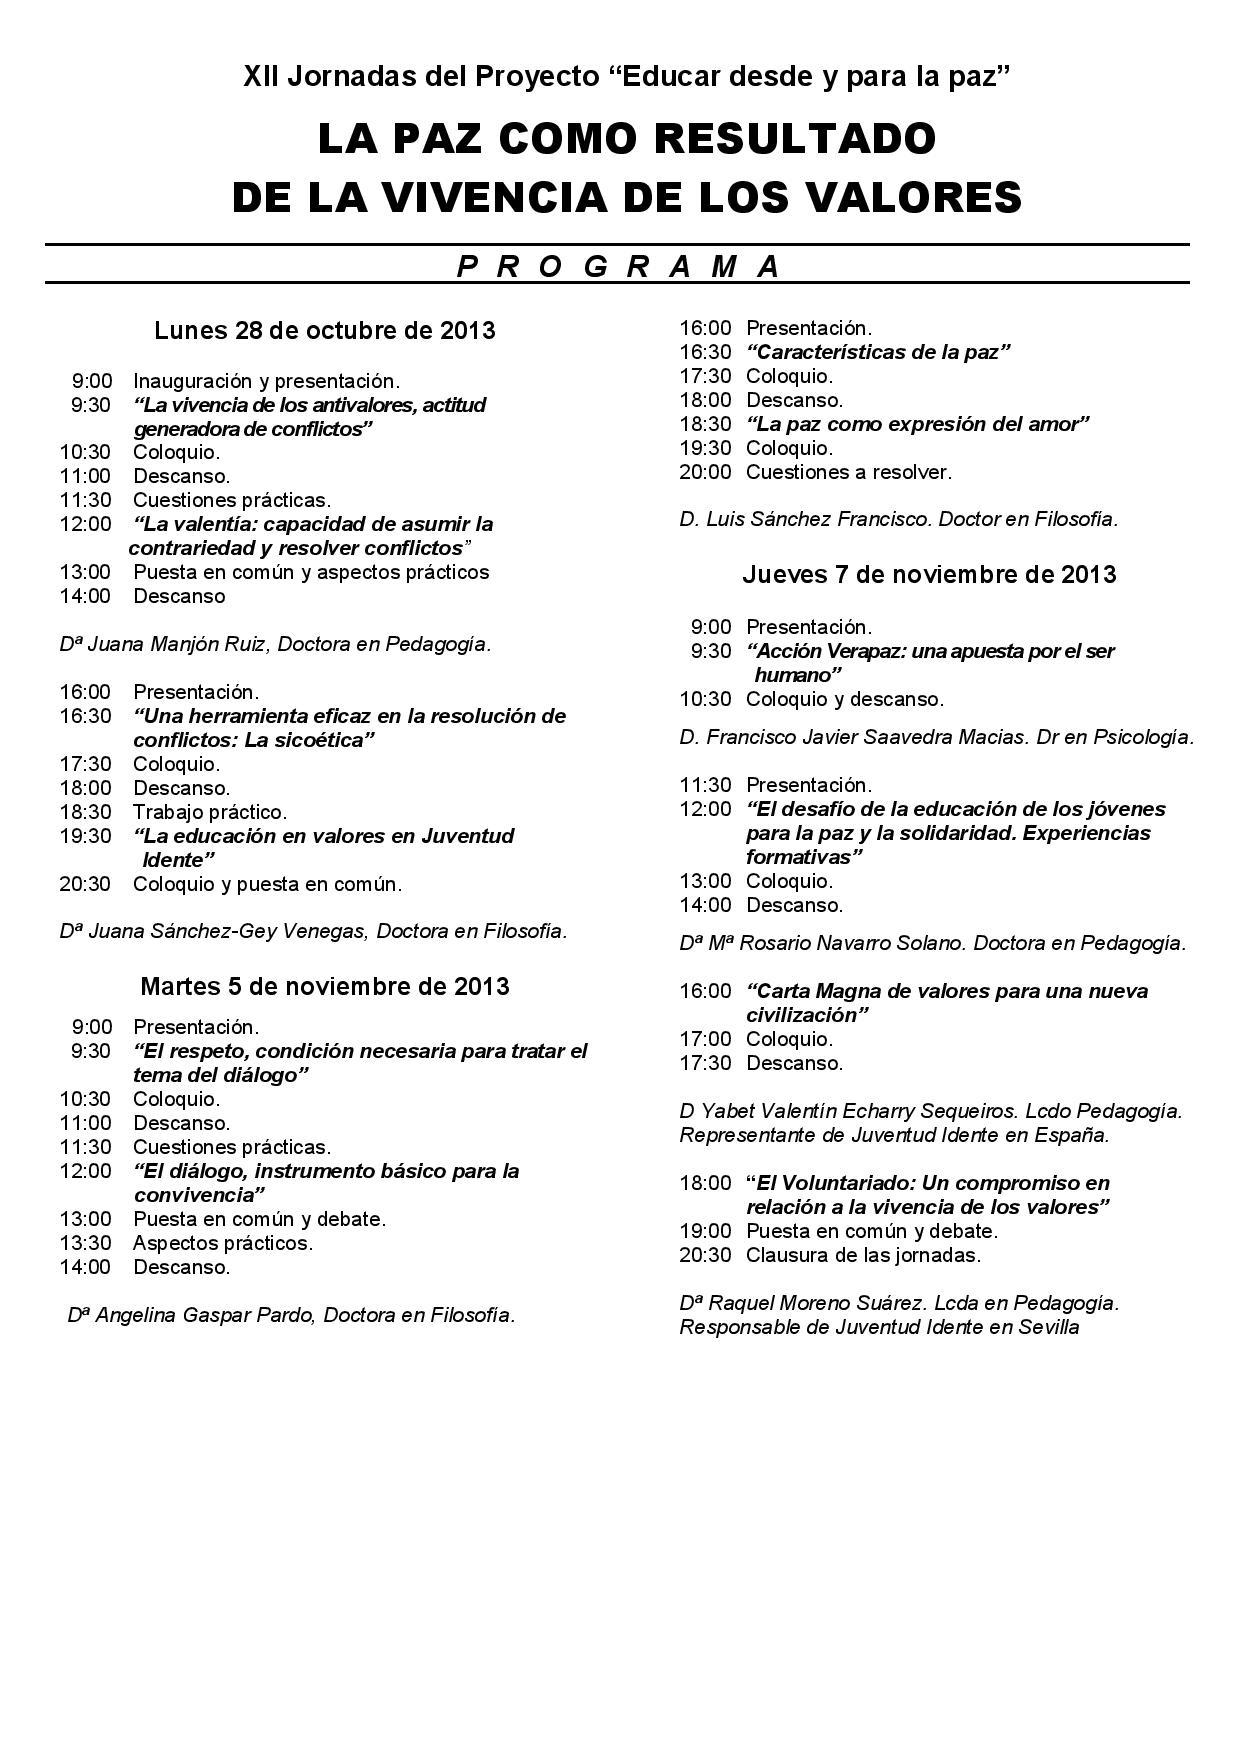 EducarparalapazDiptico-page-002